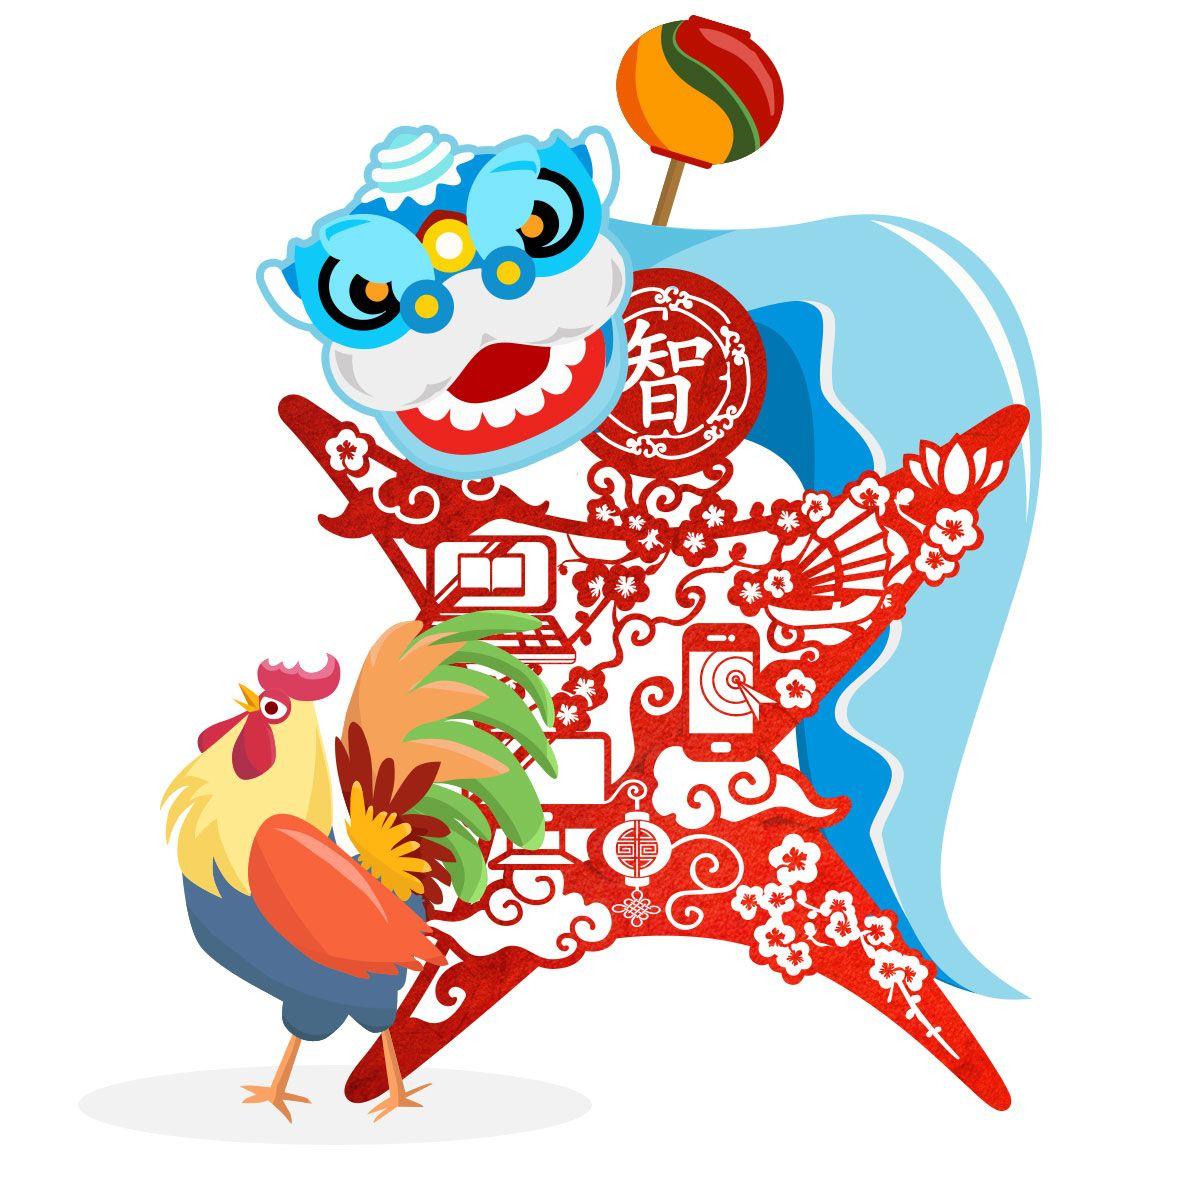 新年快乐 (Xīnnián kuàilè) from the ChinesePod team! Good luck